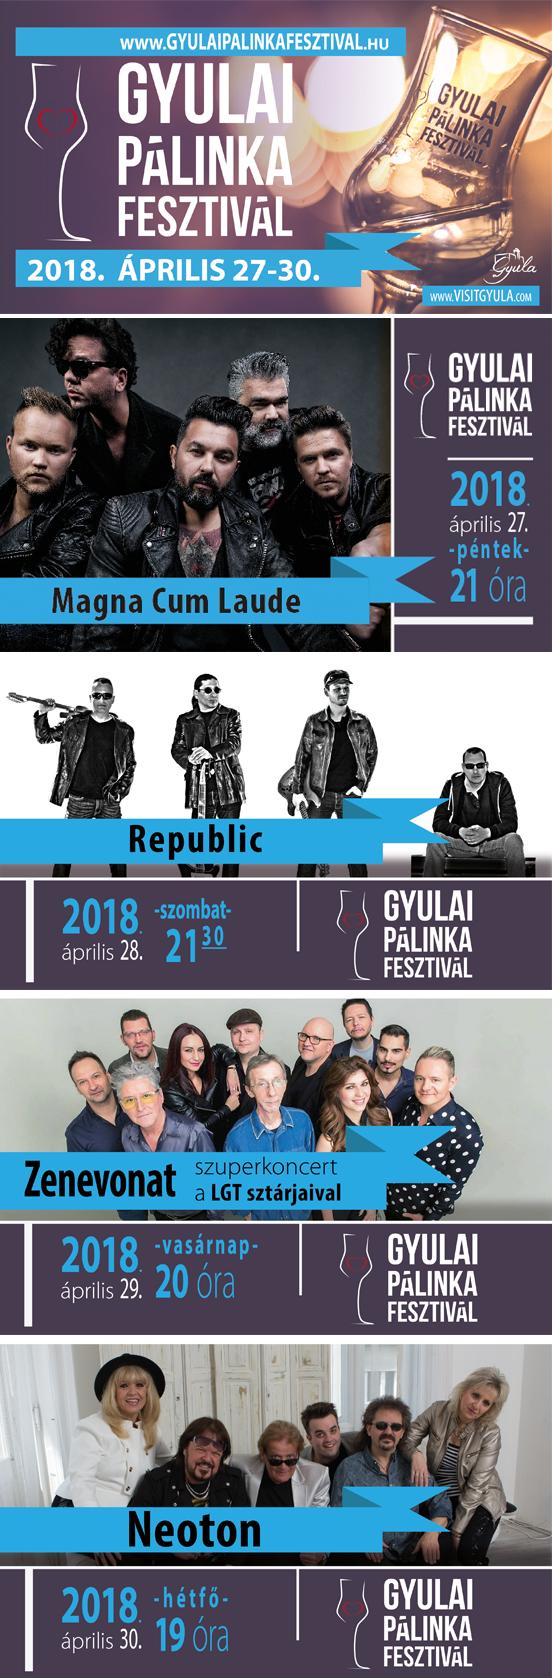 Gyulai Pálinkafesztivál banner